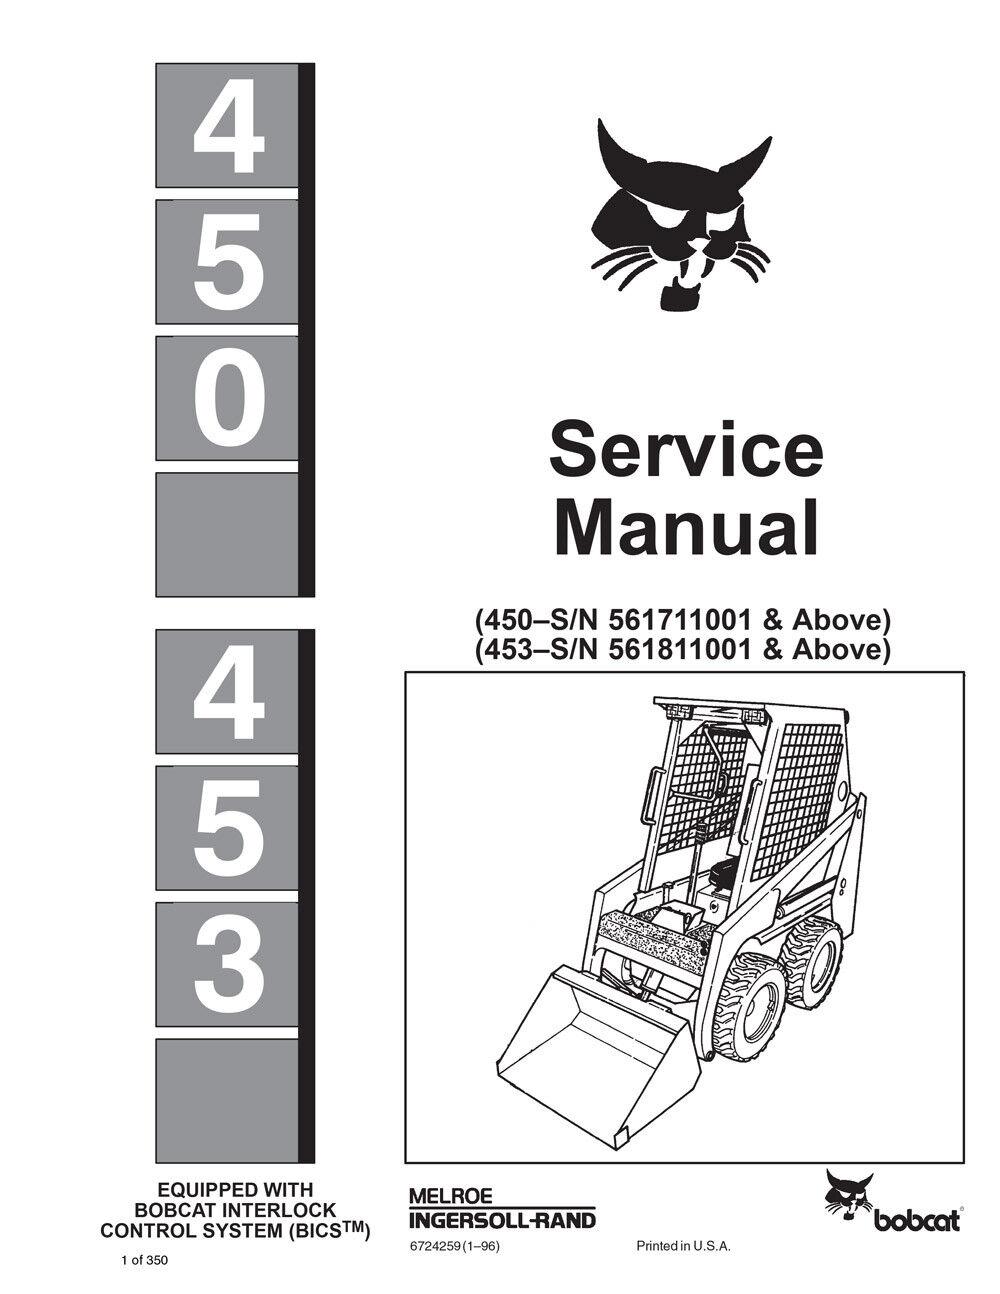 New Bobcat 450, 453 Skid Steer Loader 1996 Edition Repair